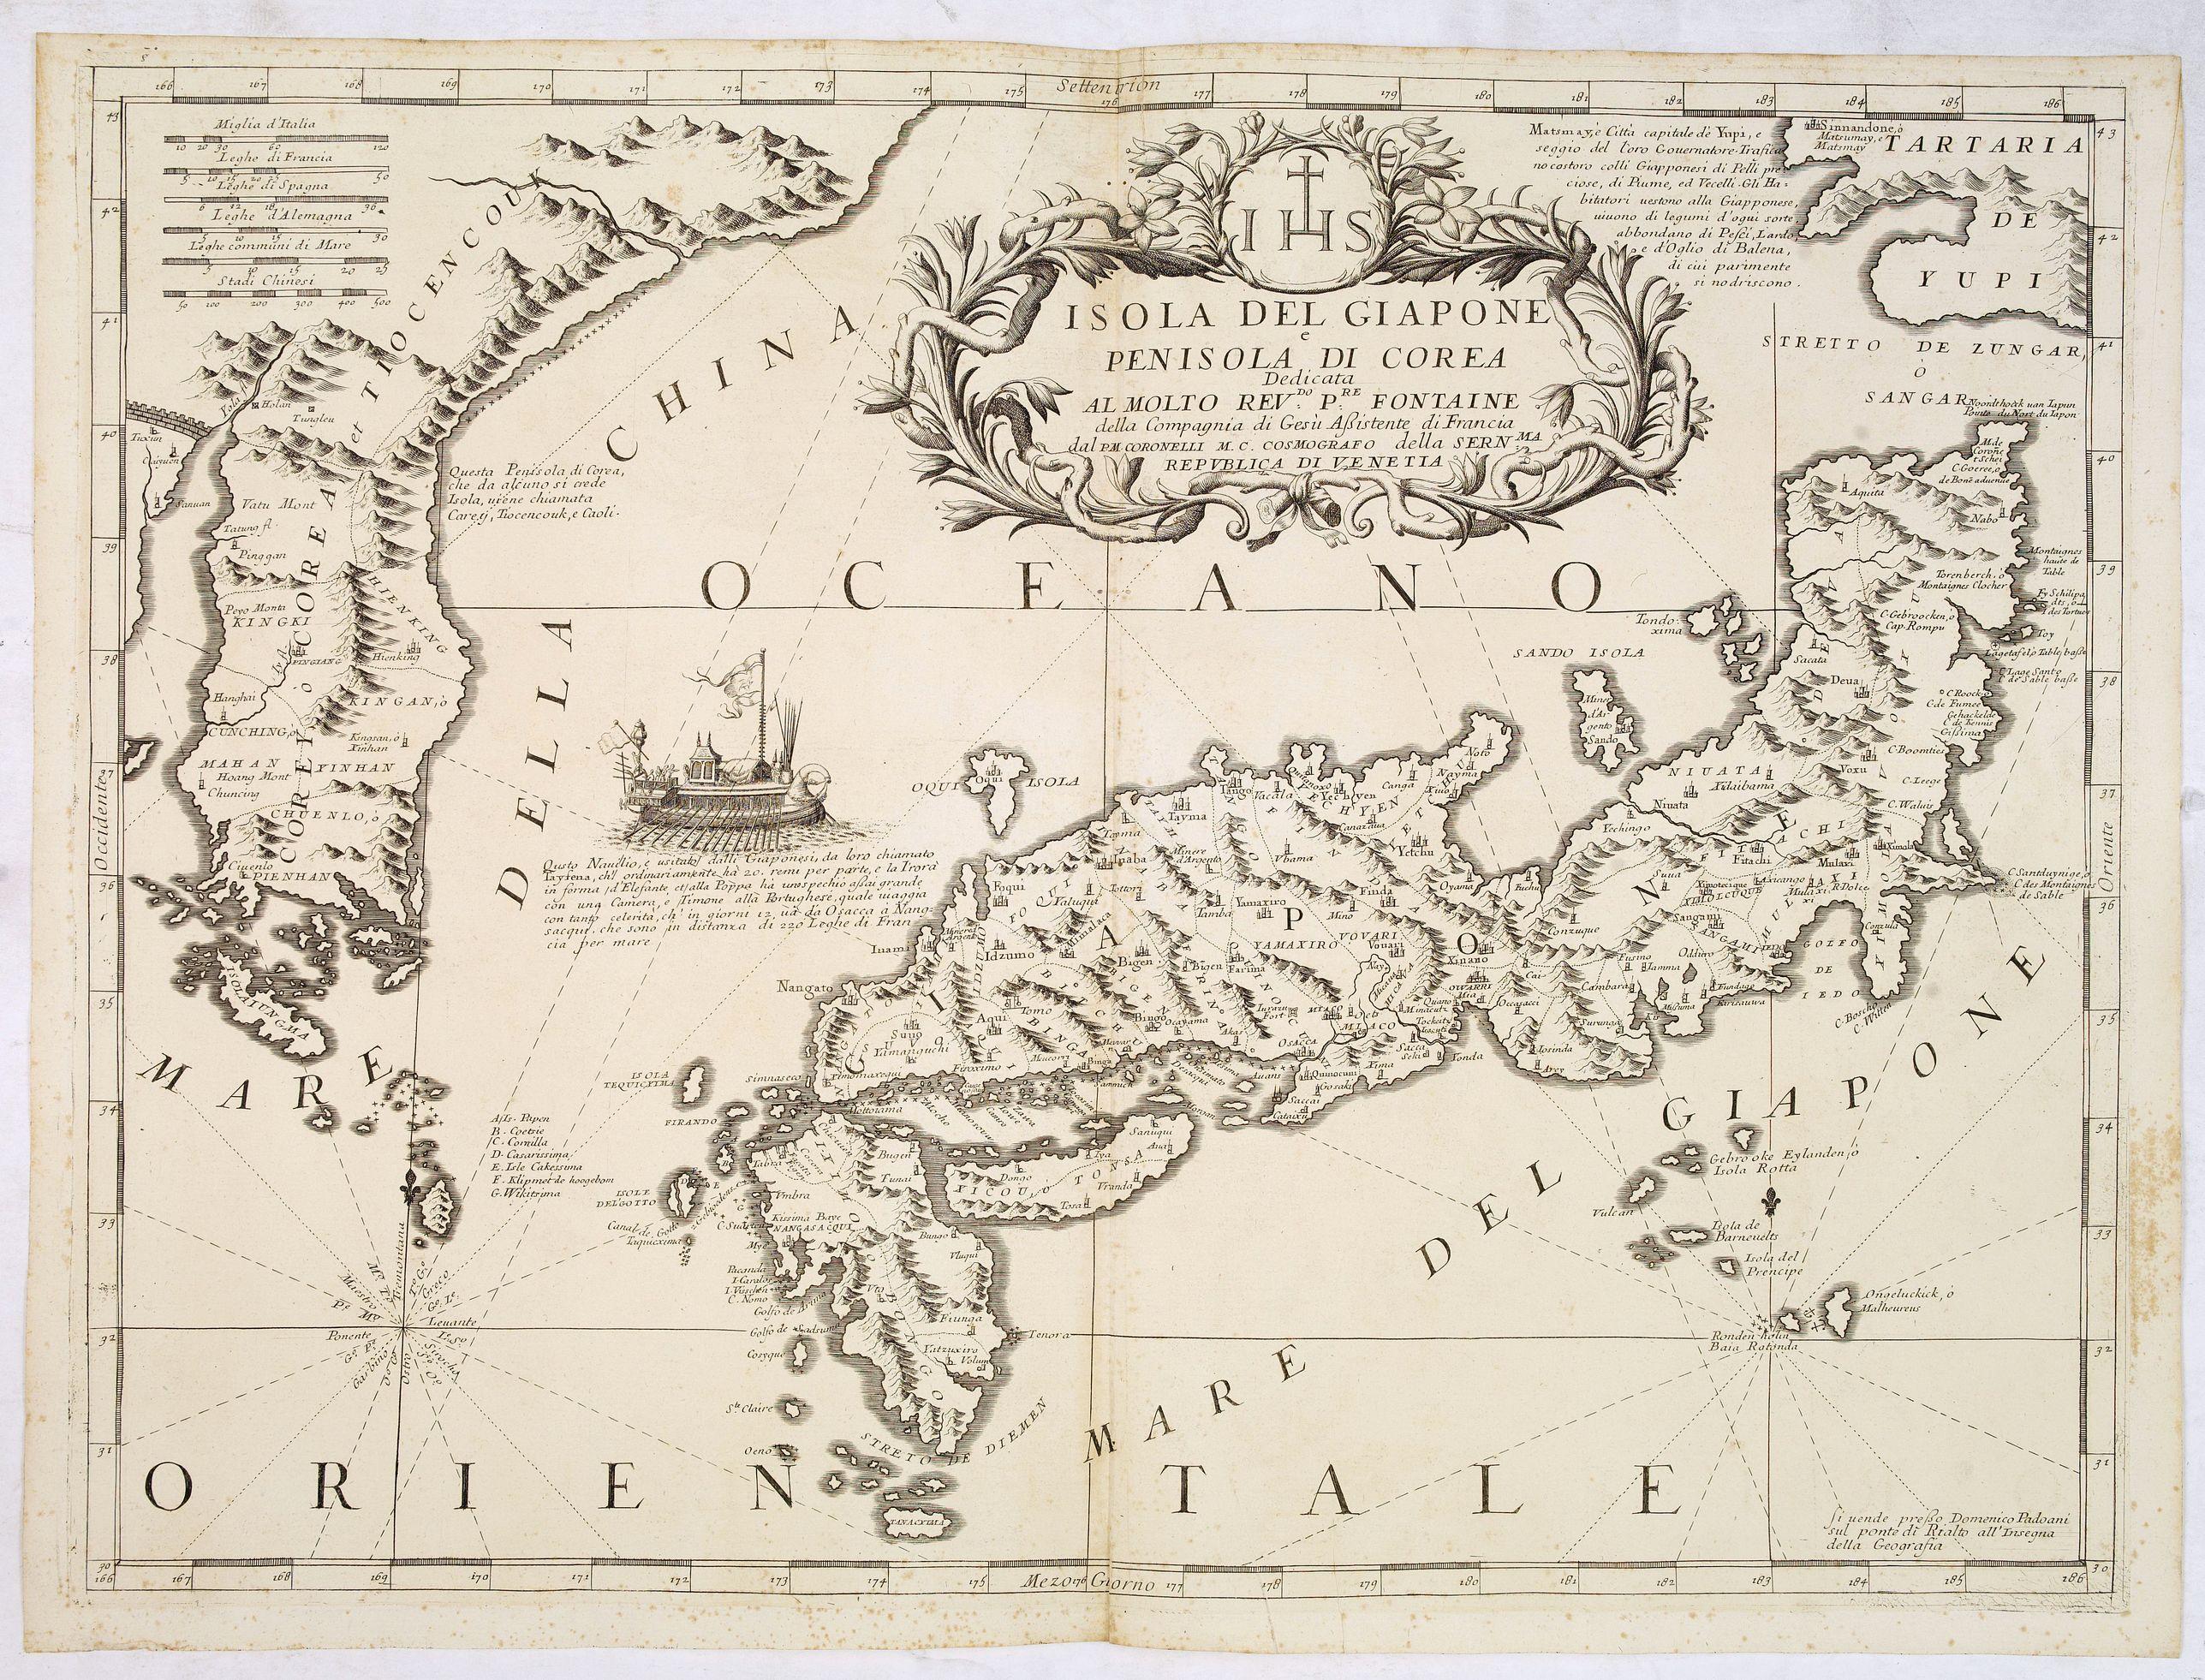 CORONELLI, V.M. -  Isola del Giapone e penisola di Corea.